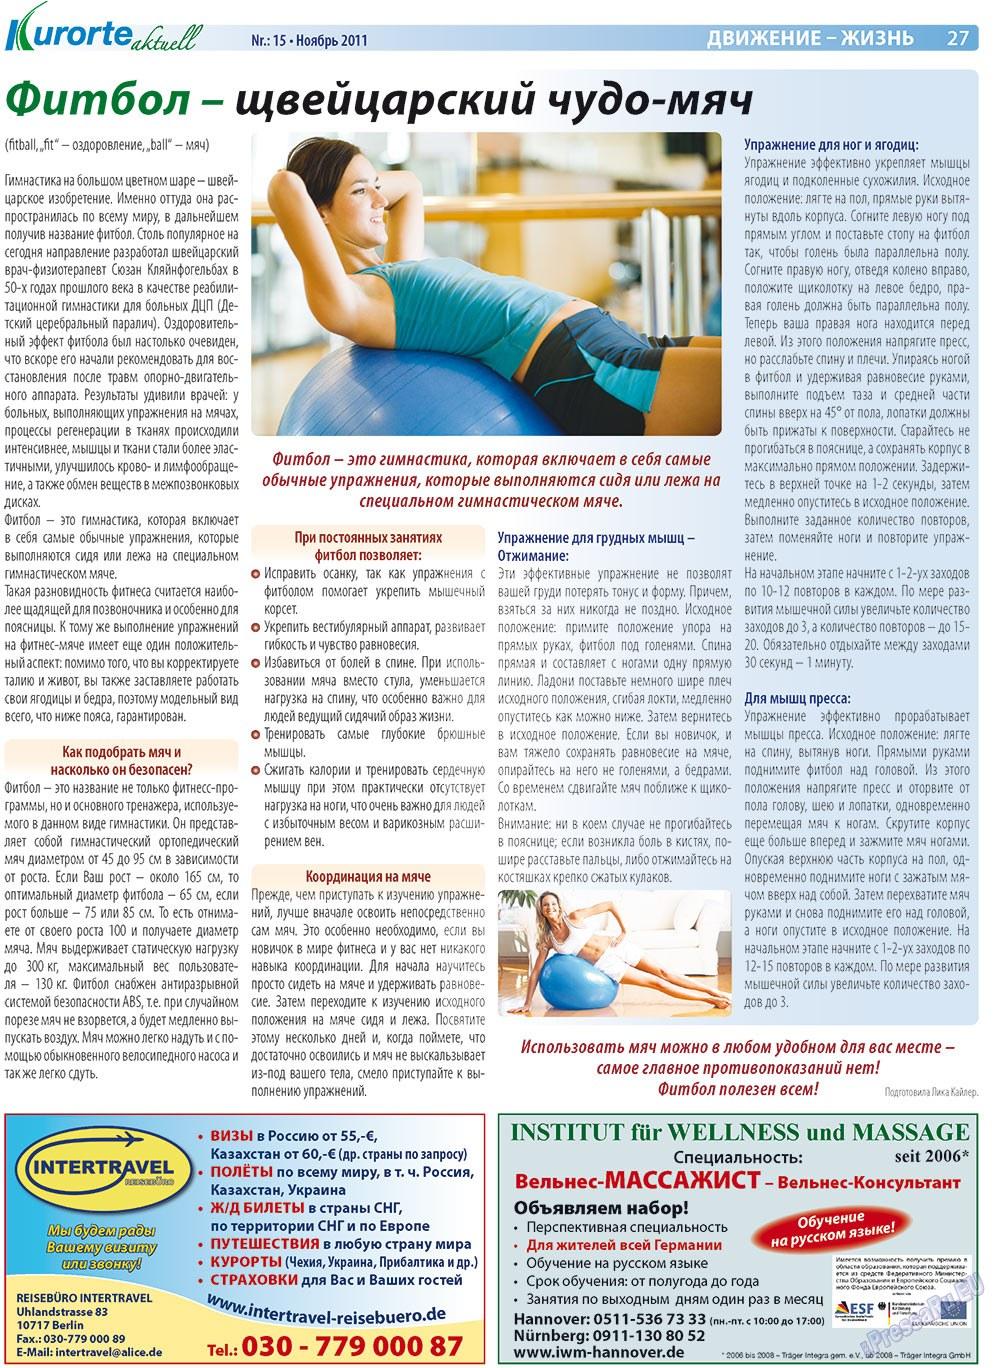 Укрепить мышцы в домашних условиях